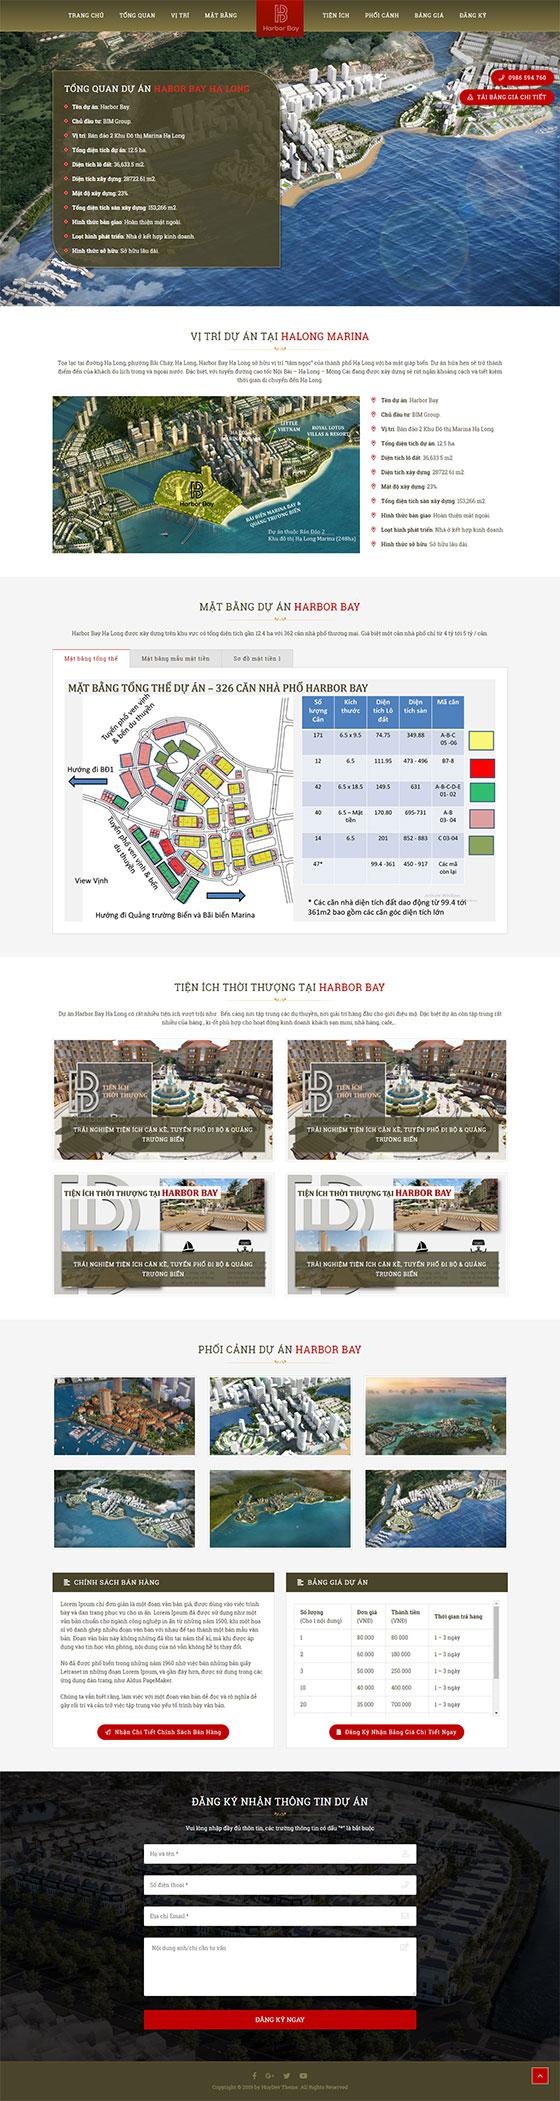 Trang chủ mẫu landing page bất động sản 06